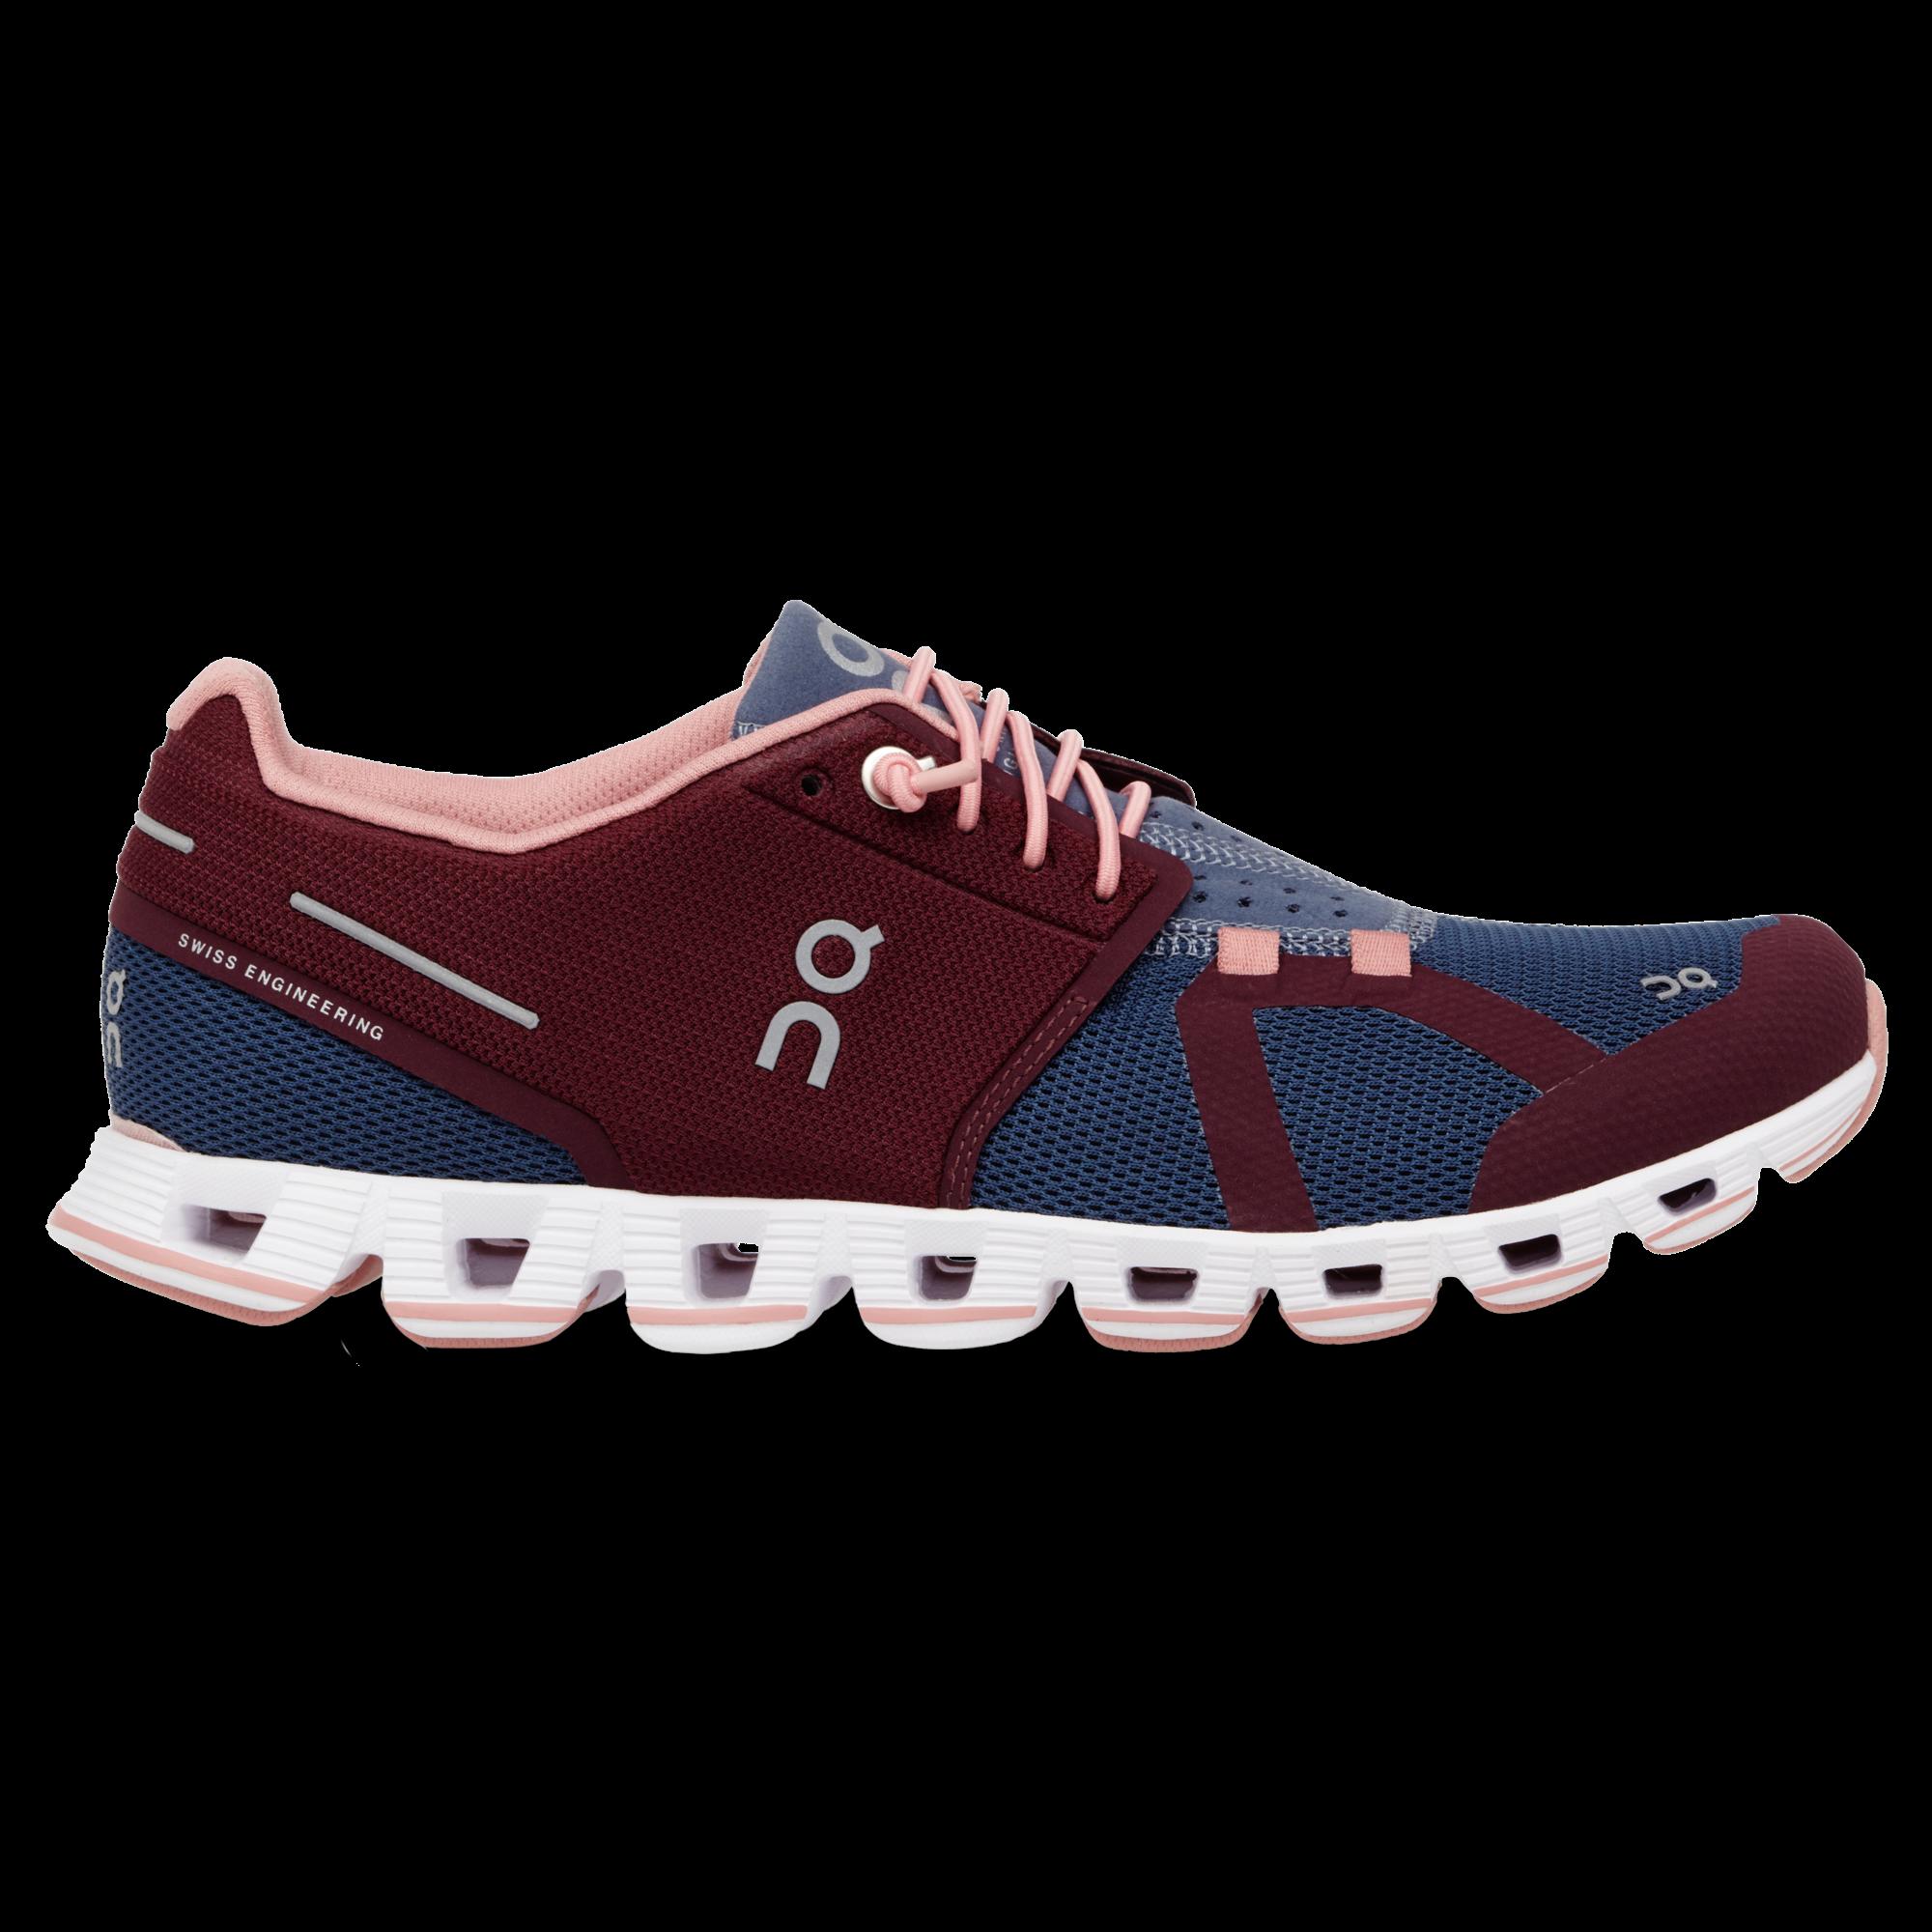 fb44e2a5e Cloud - Lightweight Running Shoe | On